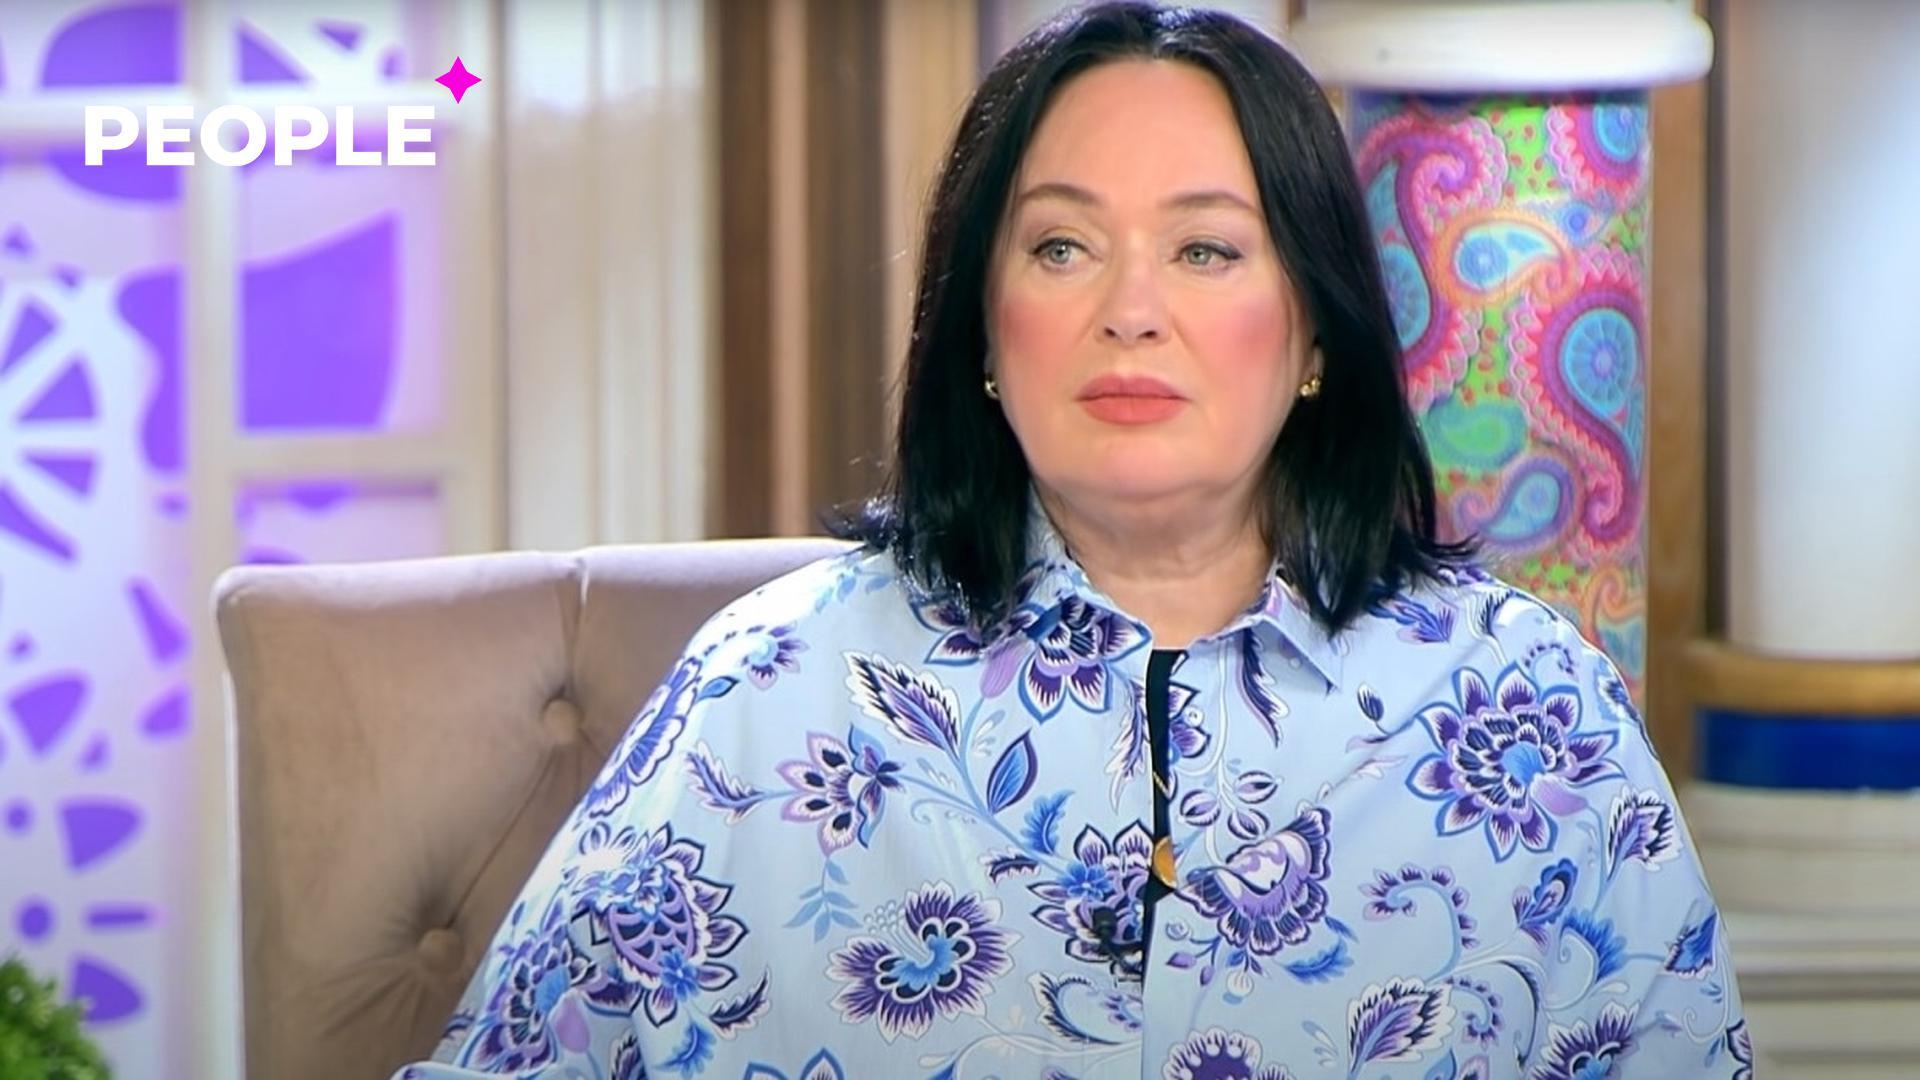 СМИ сообщили о тяжелой болезни Ларисы Гузеевой